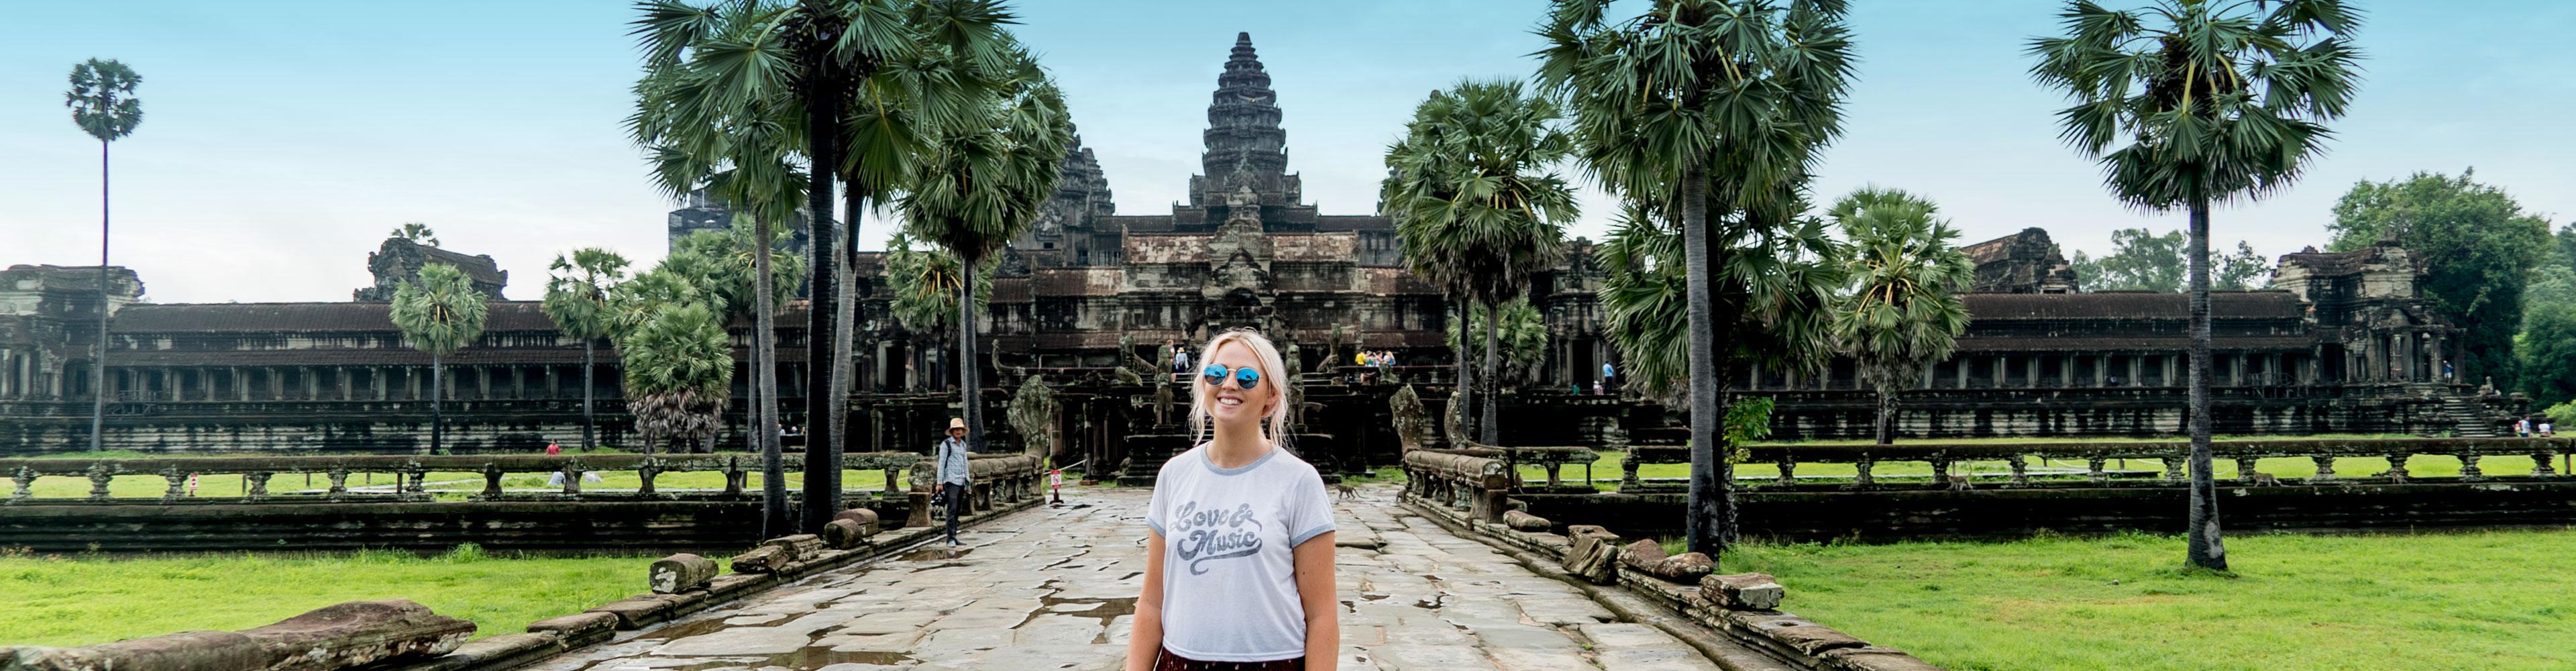 Ultimate Cambodia